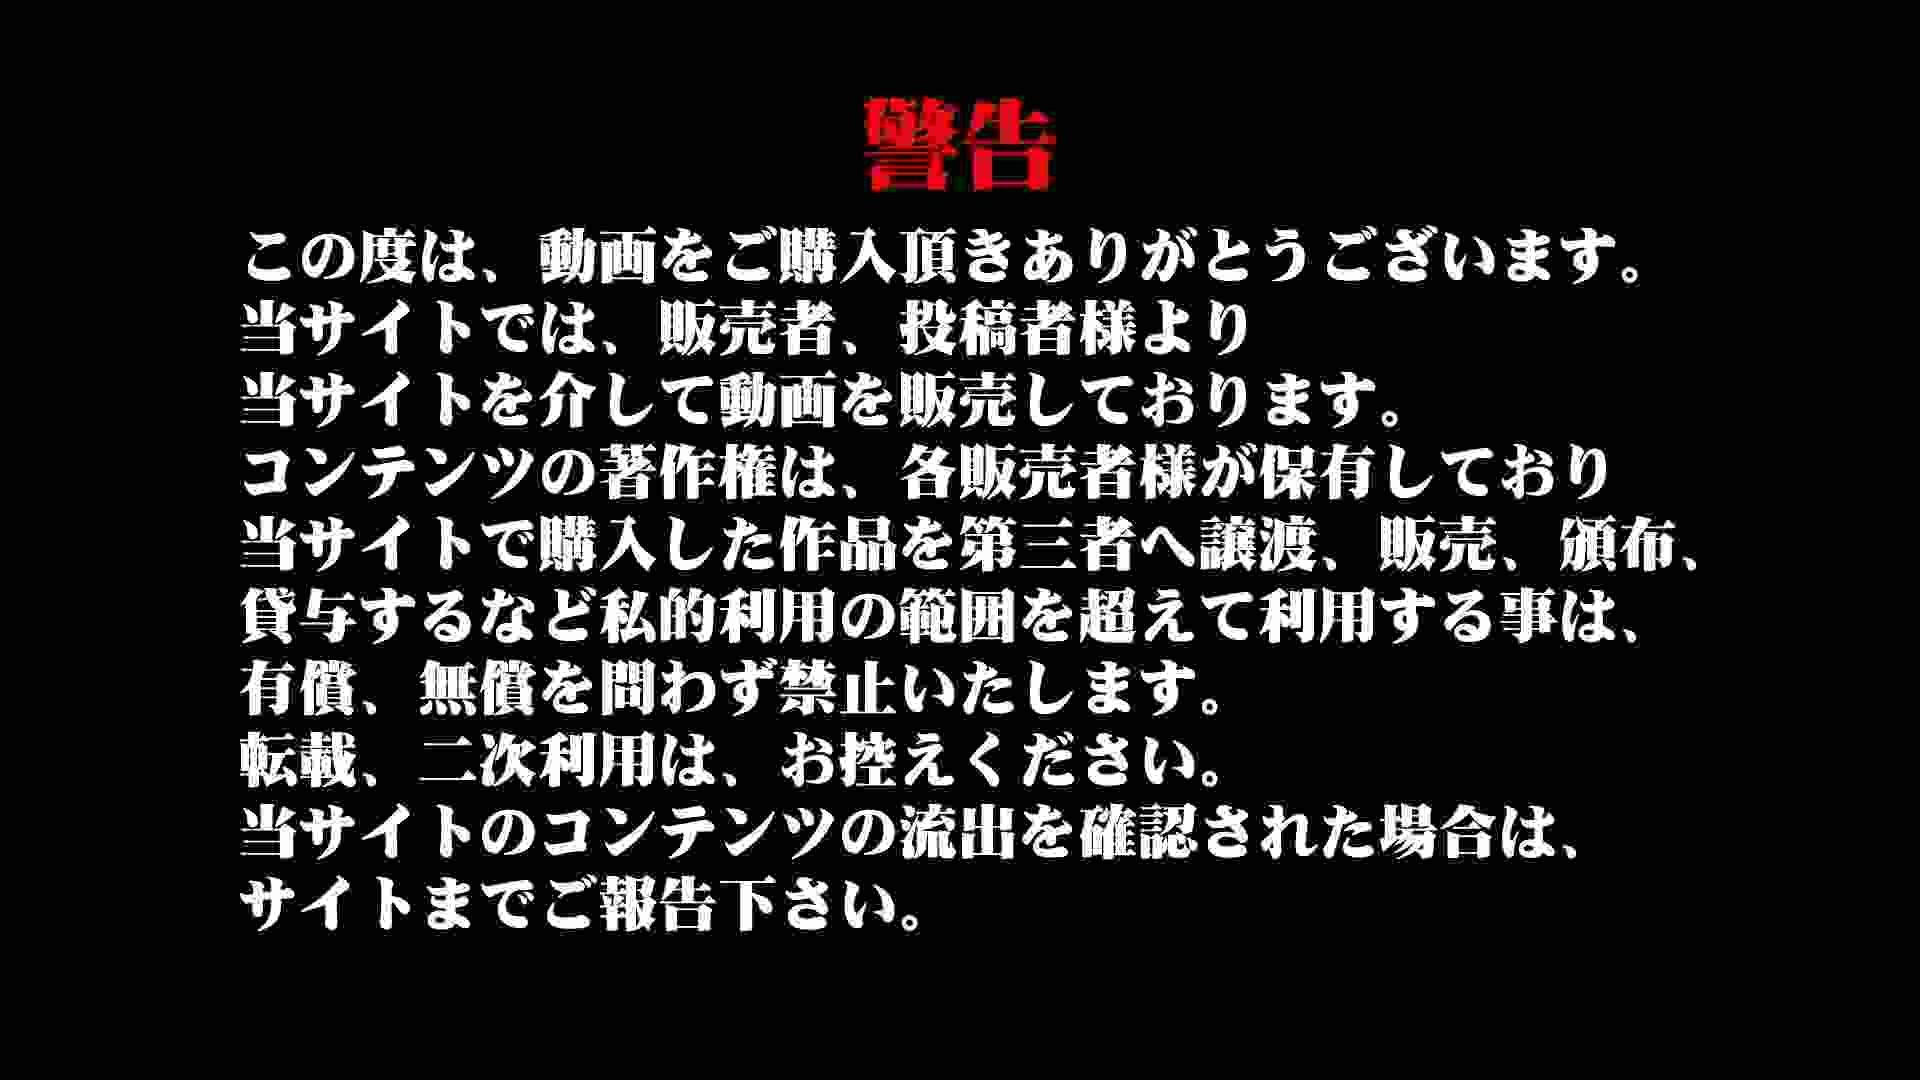 Aquaな露天風呂Vol.895 盗撮シリーズ  101PIX 2